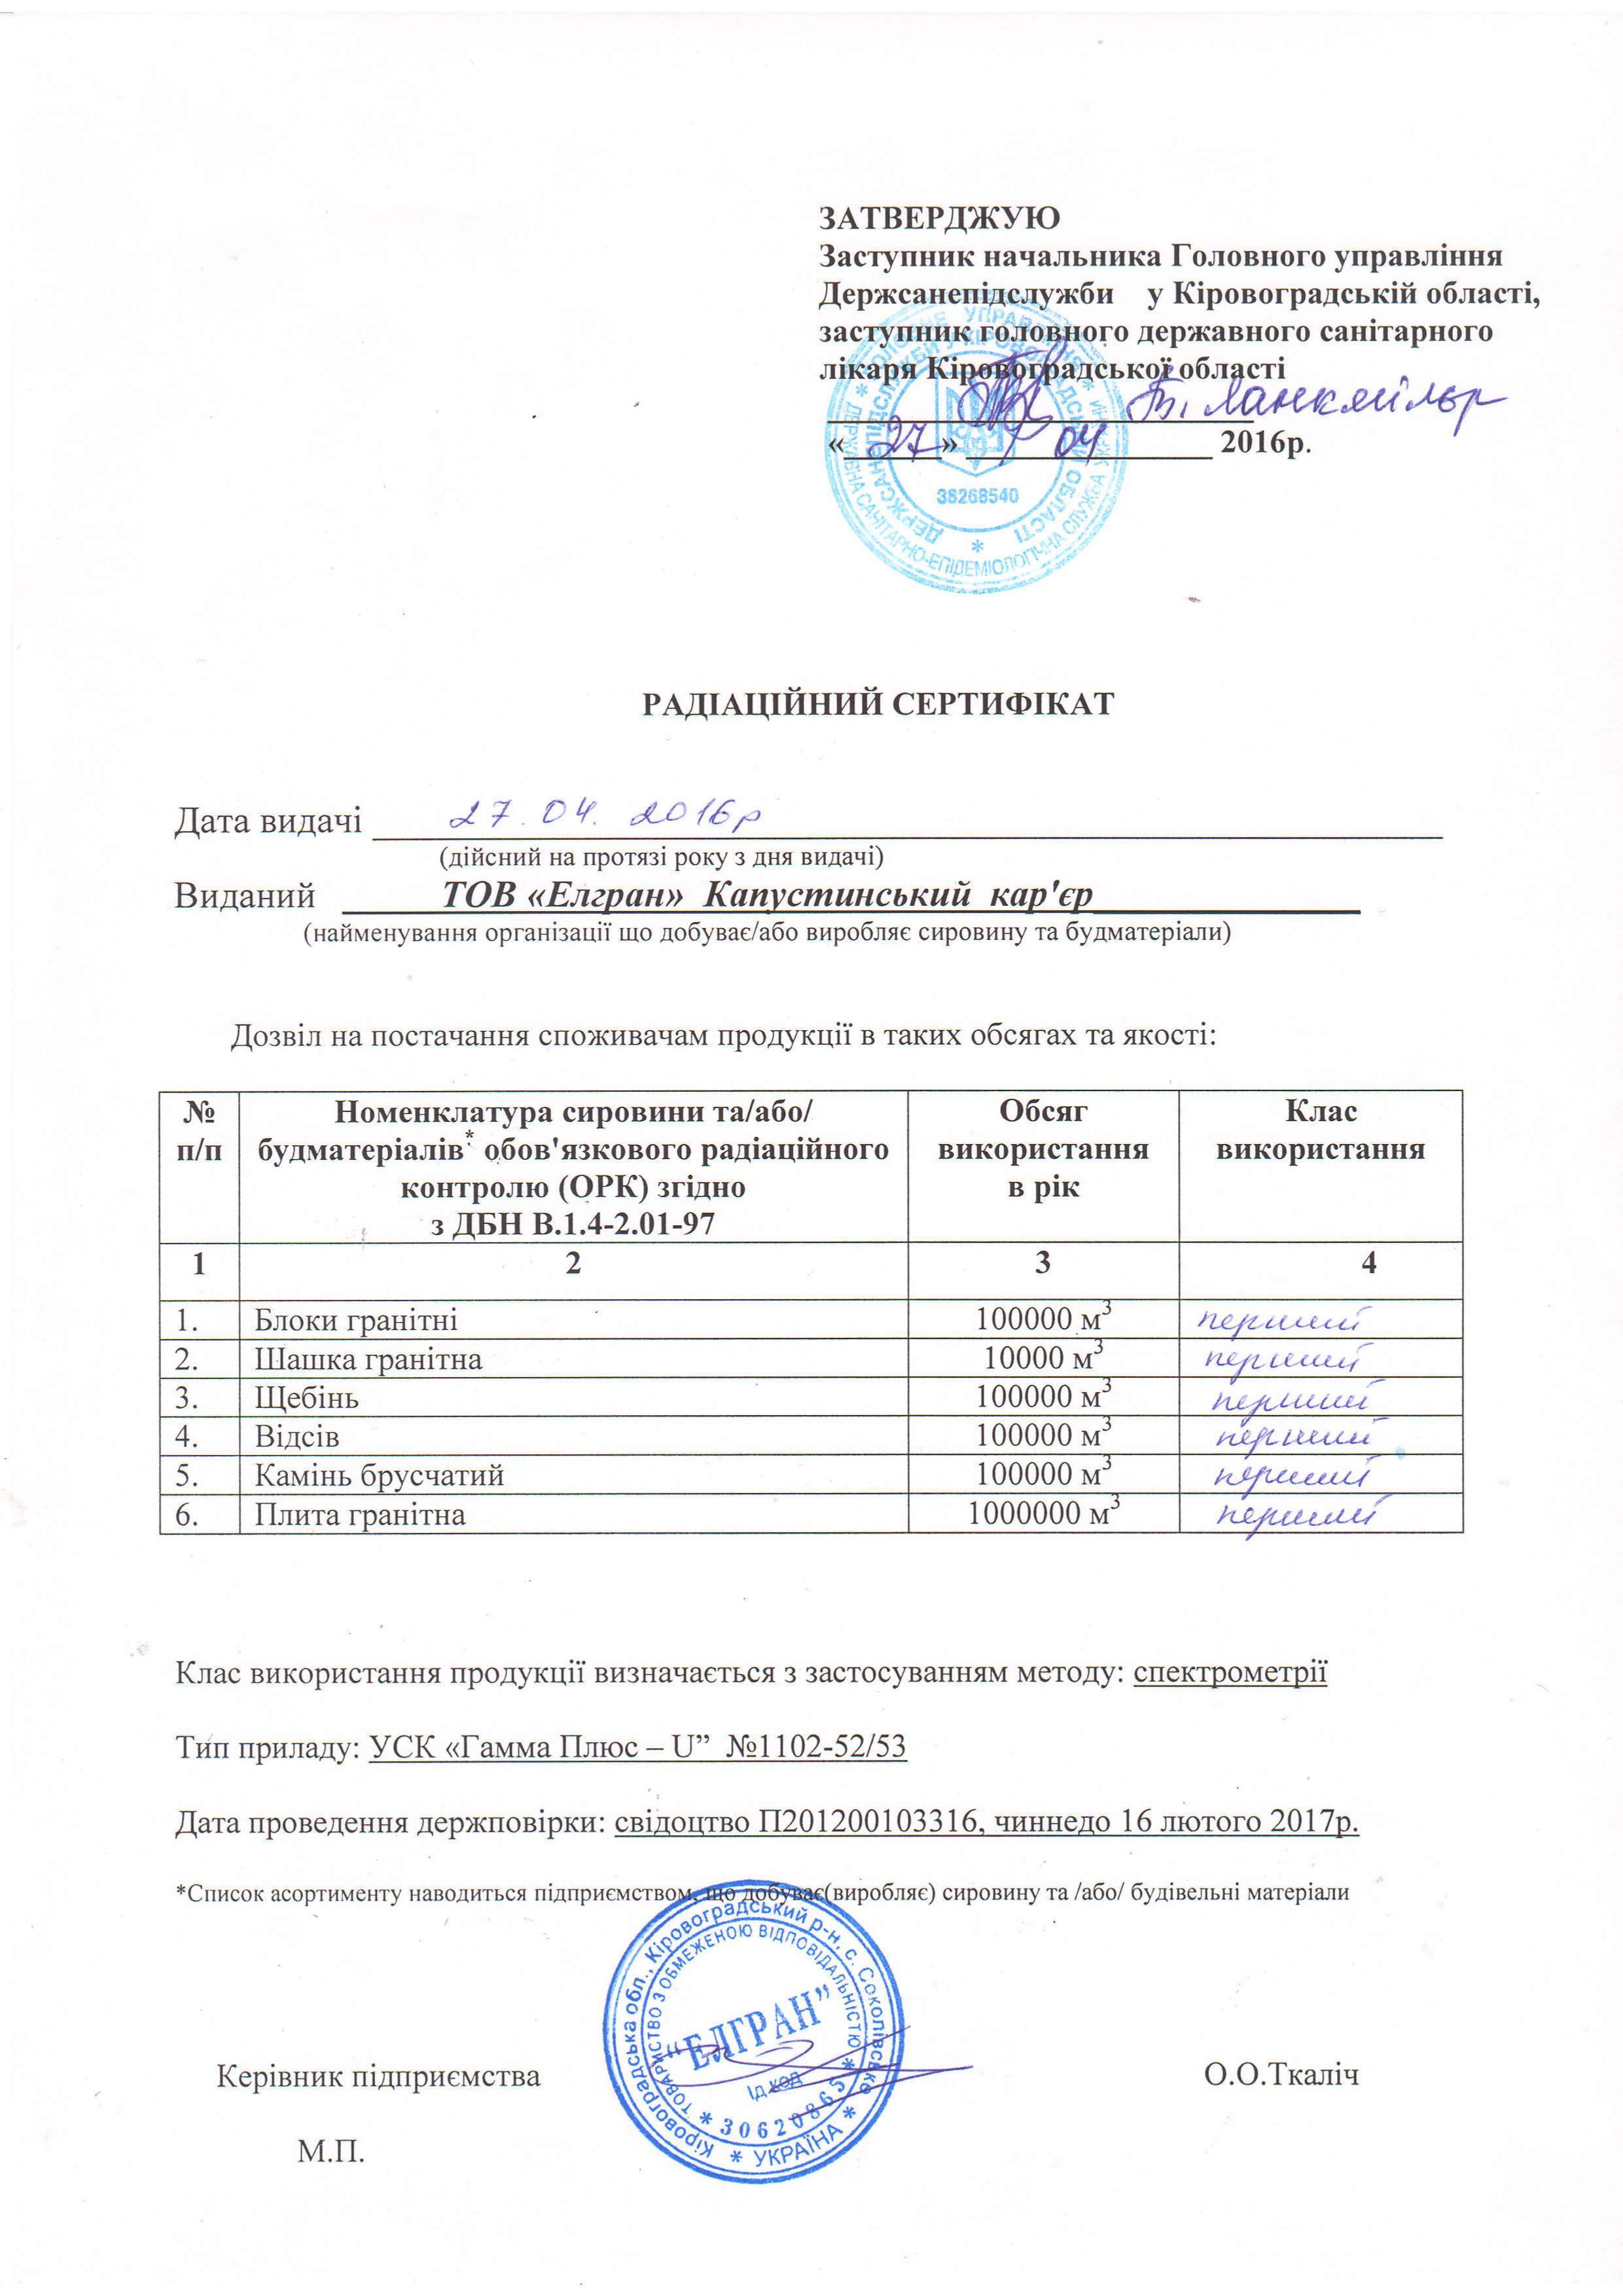 Капустинский карьер, сертификаты и разрешения